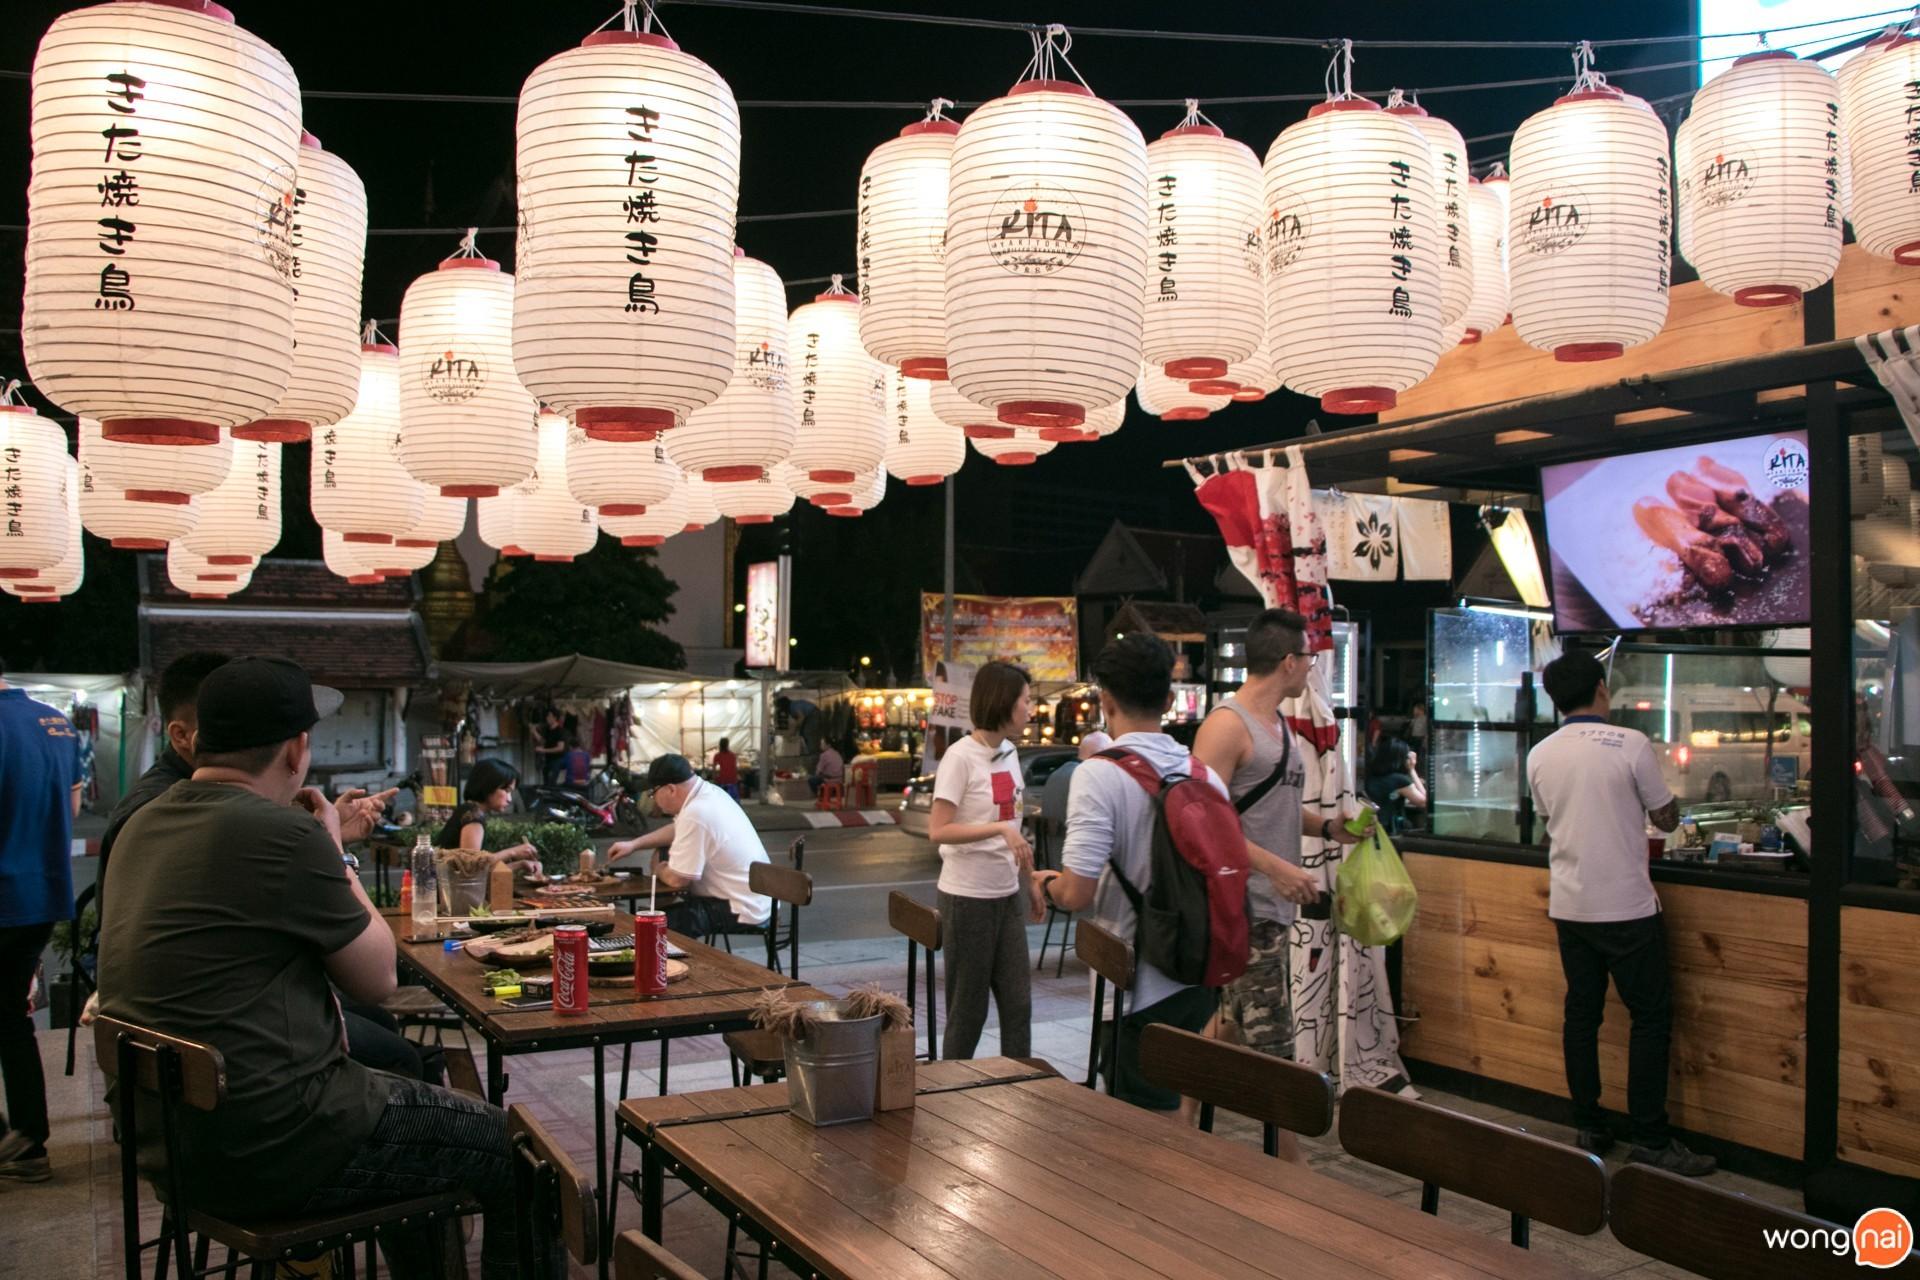 บรรยากาศ ร้าน Kita Yakitori & Grilled Seafood เชียงใหม่